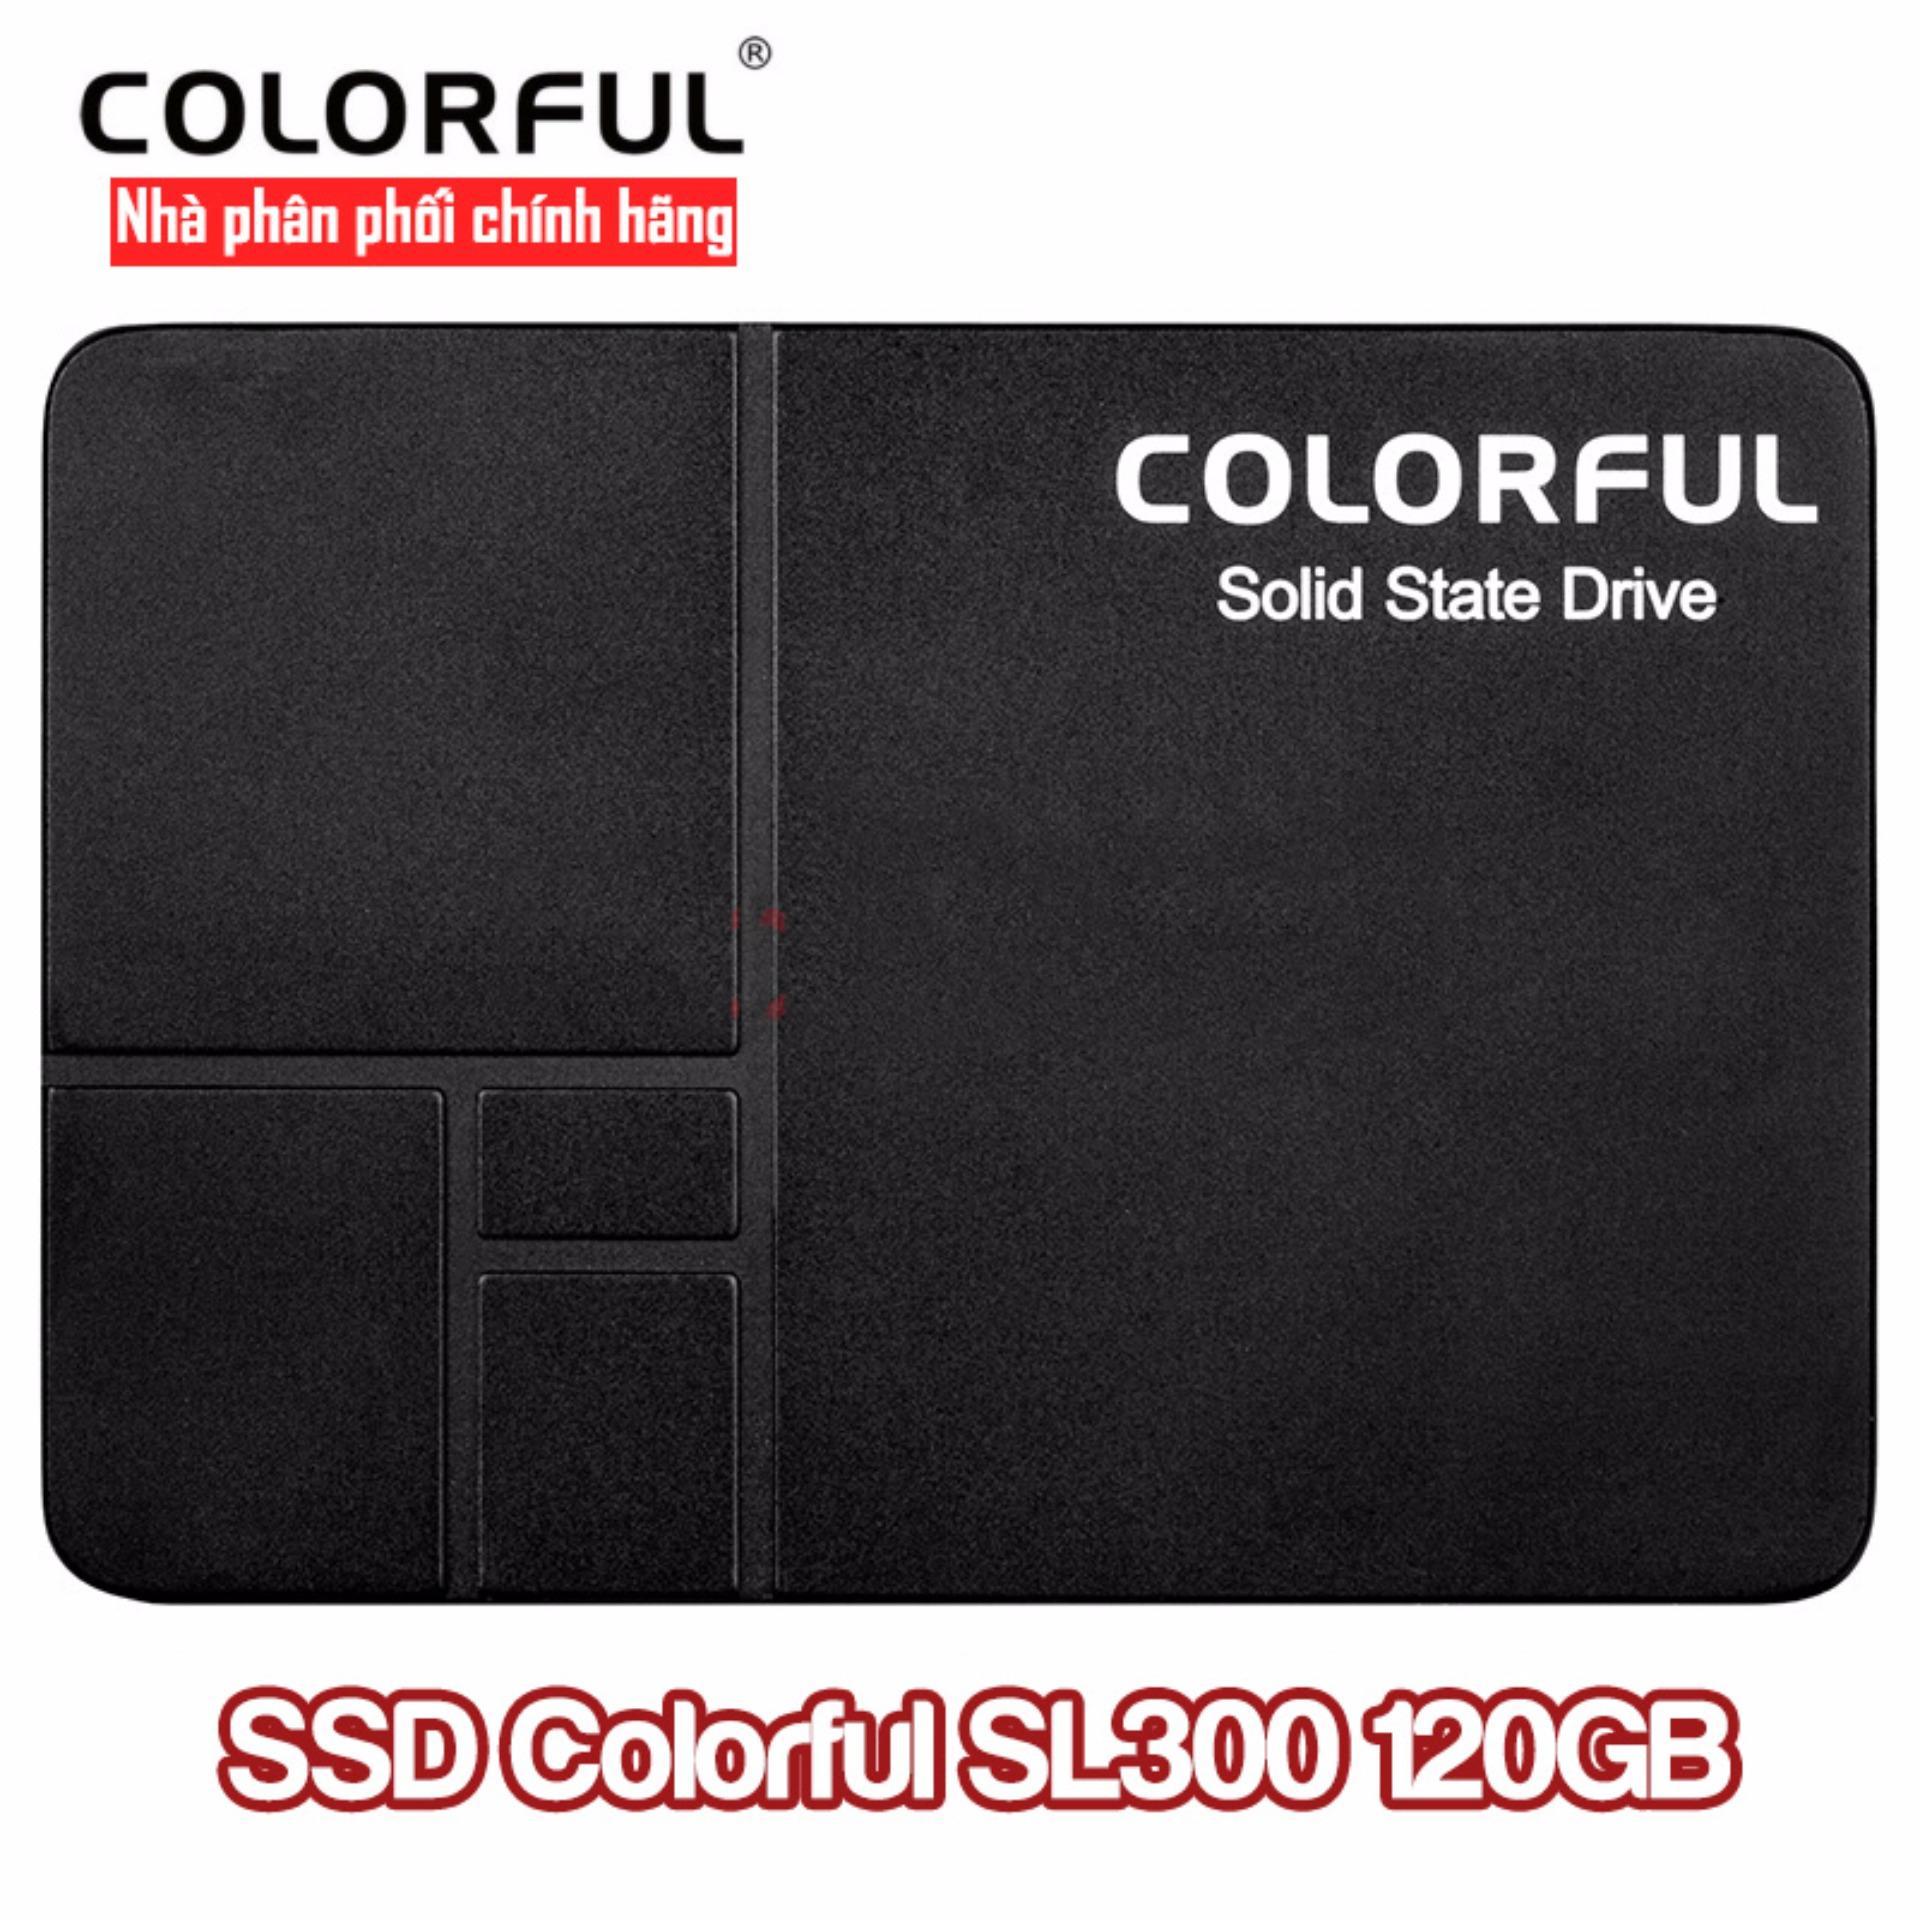 Mua Ổ cứng SSD Colorful SL300 120Gb ở đâu tốt?